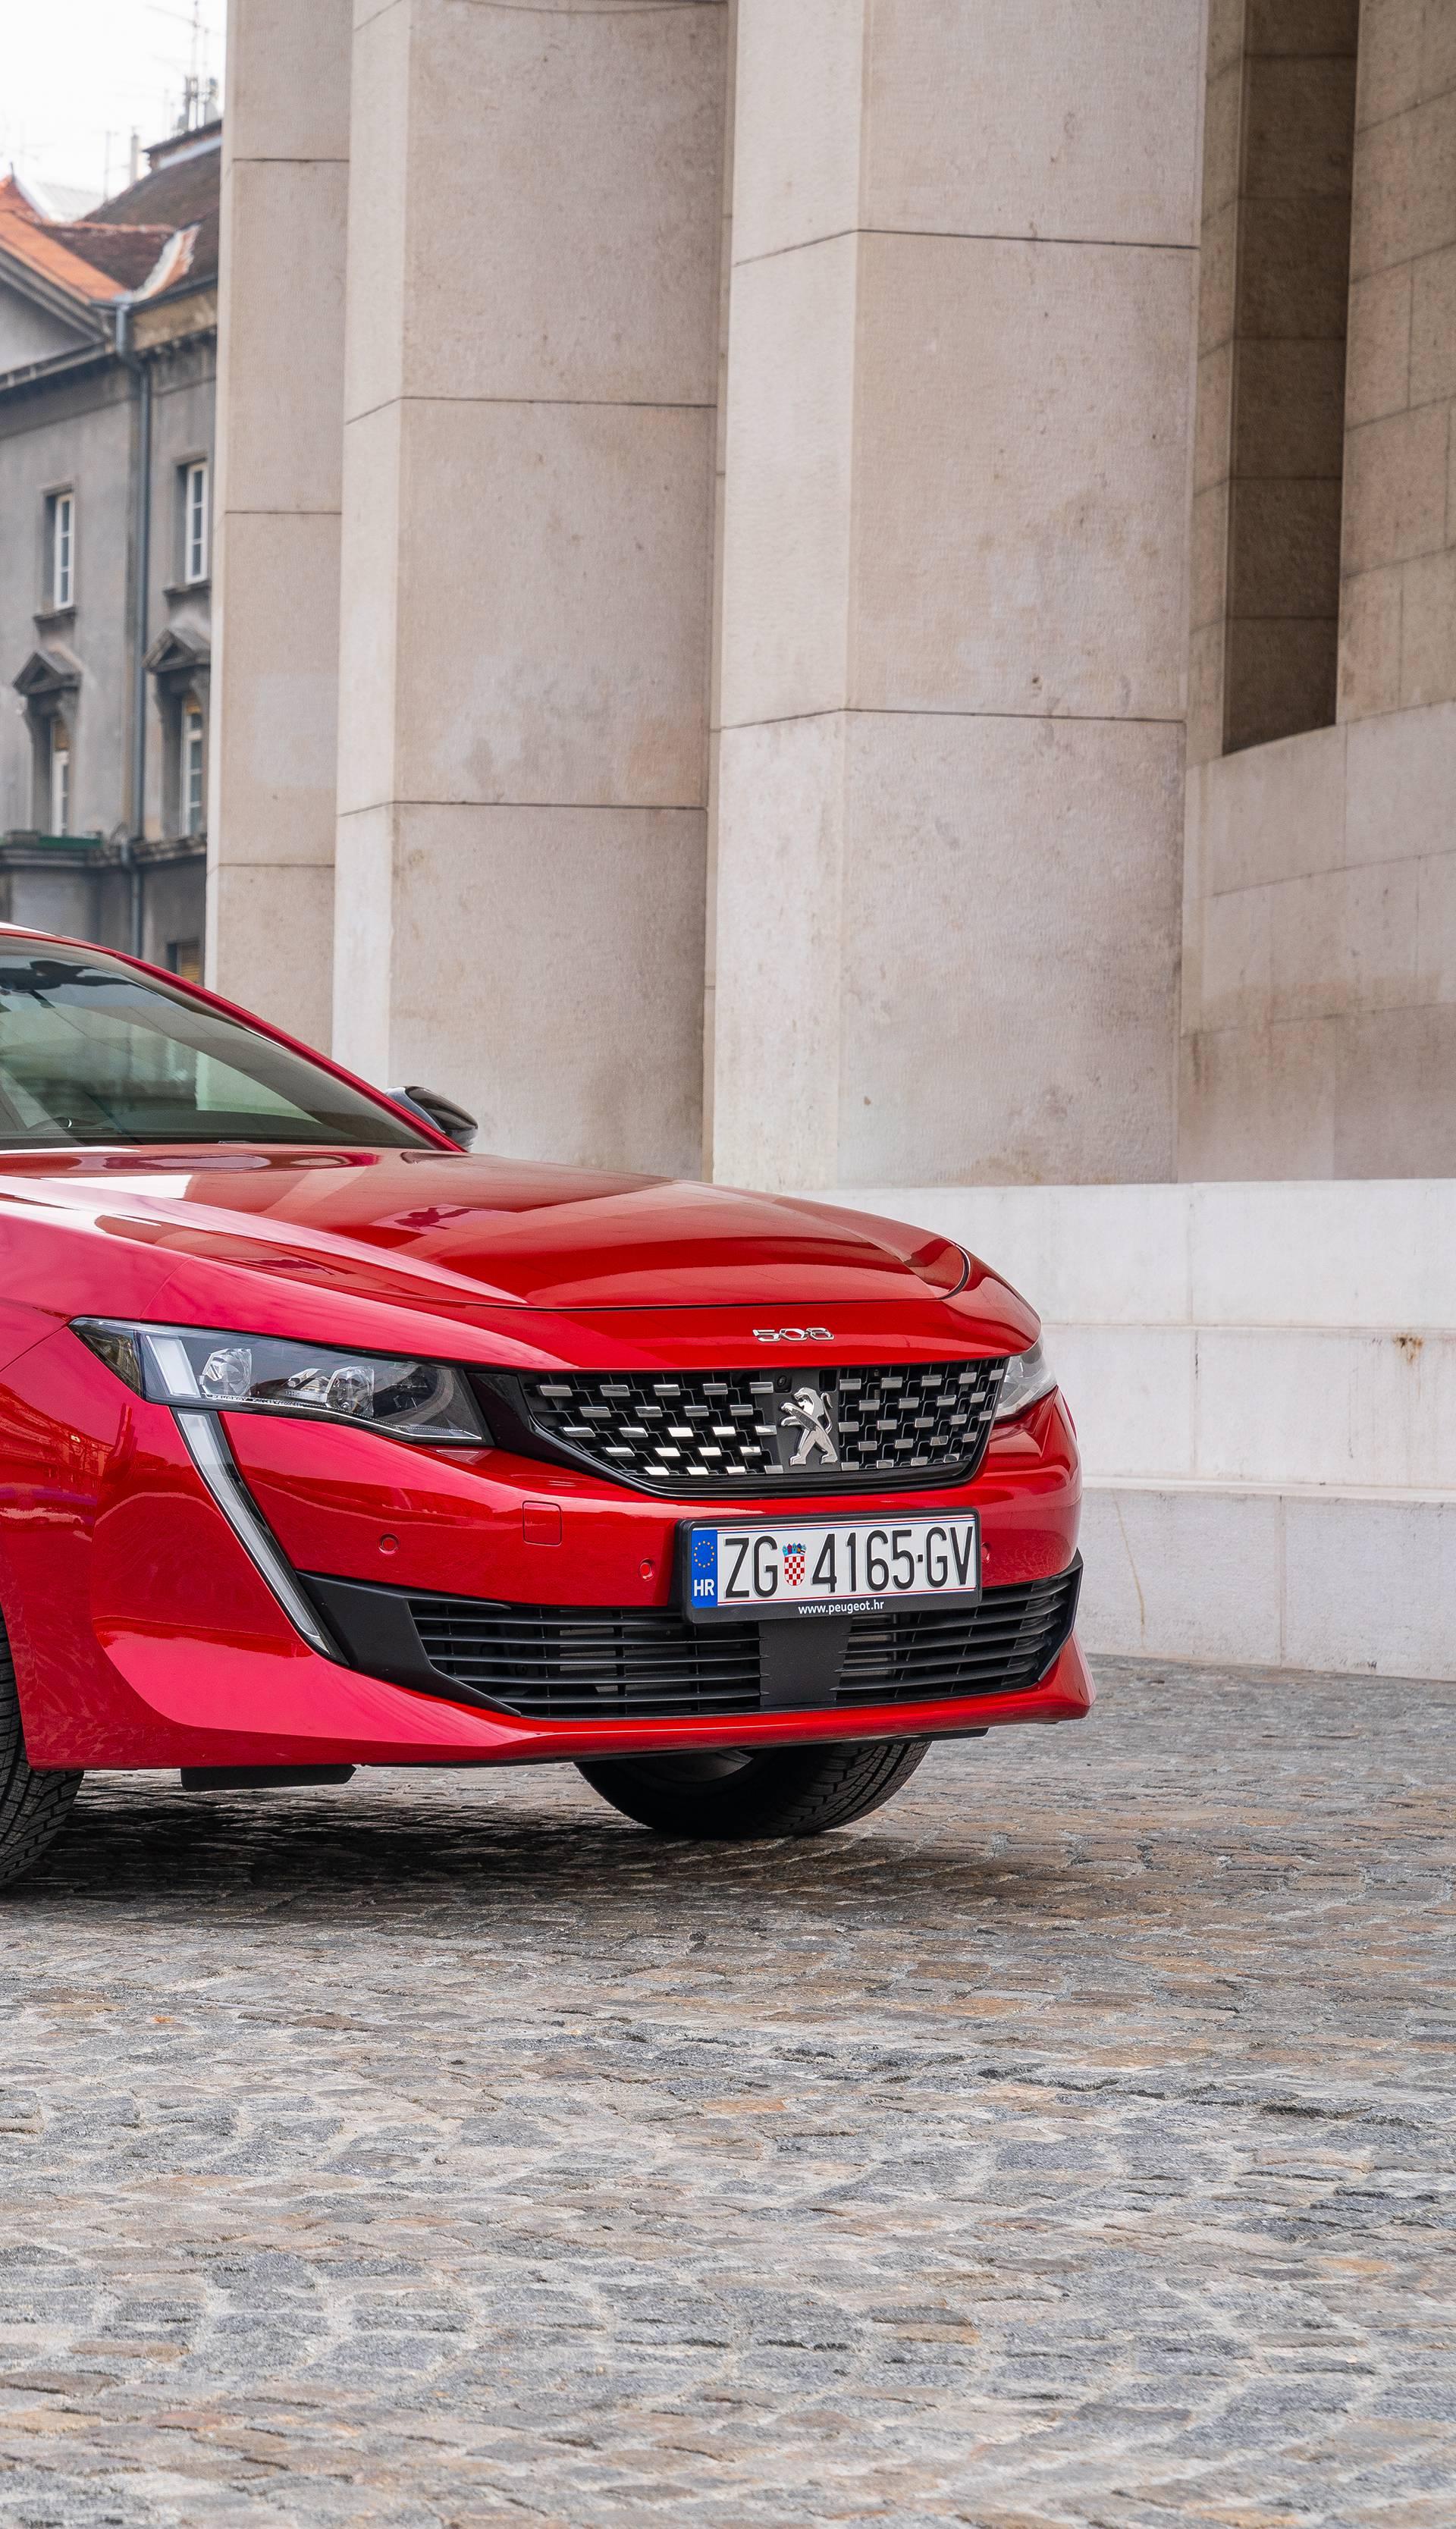 Najimpresivniji Peugeot ikad: Novi 508 stigao je u Hrvatsku